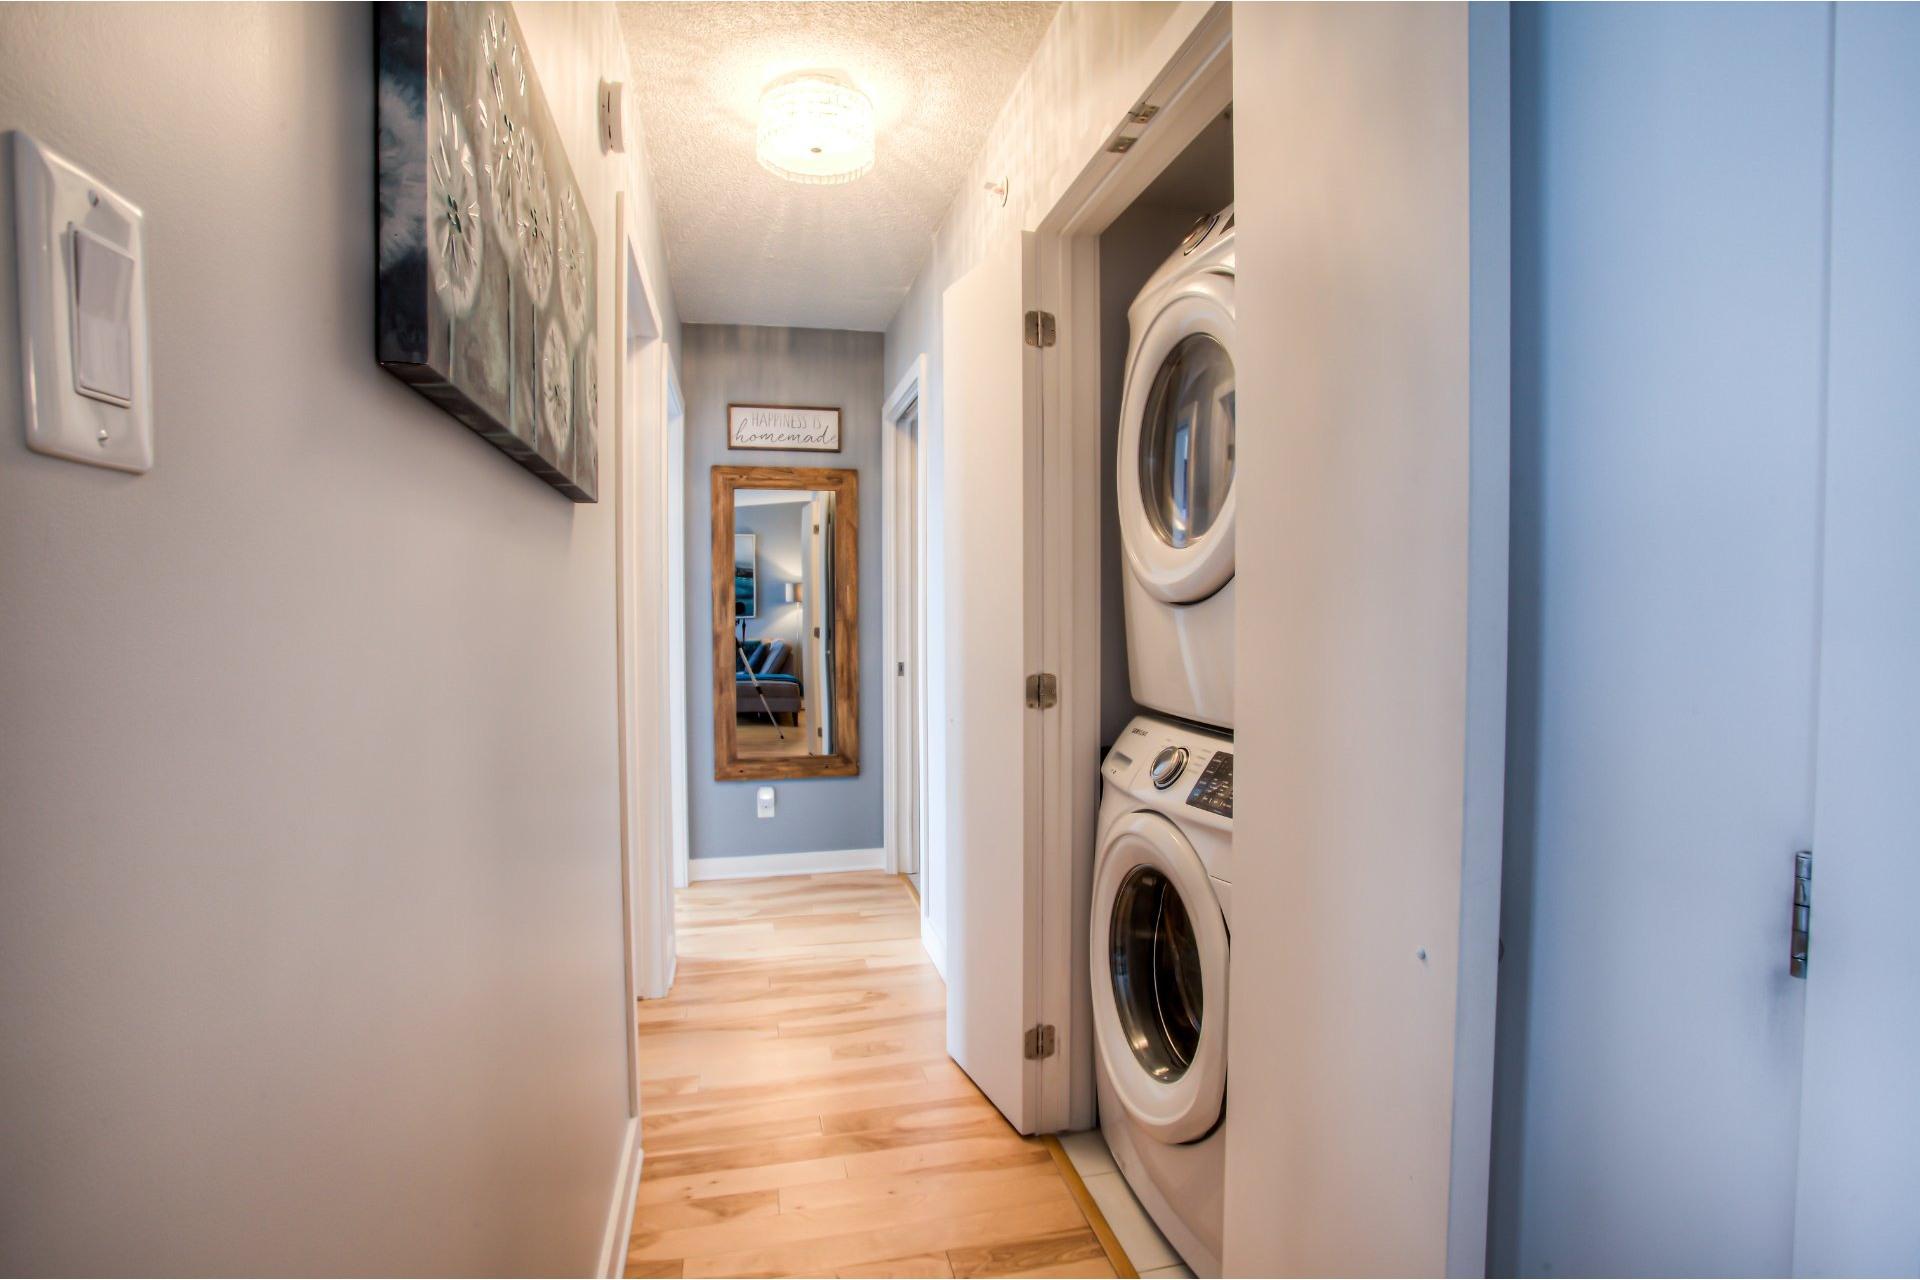 image 7 - Apartment For sale Ahuntsic-Cartierville Montréal  - 5 rooms